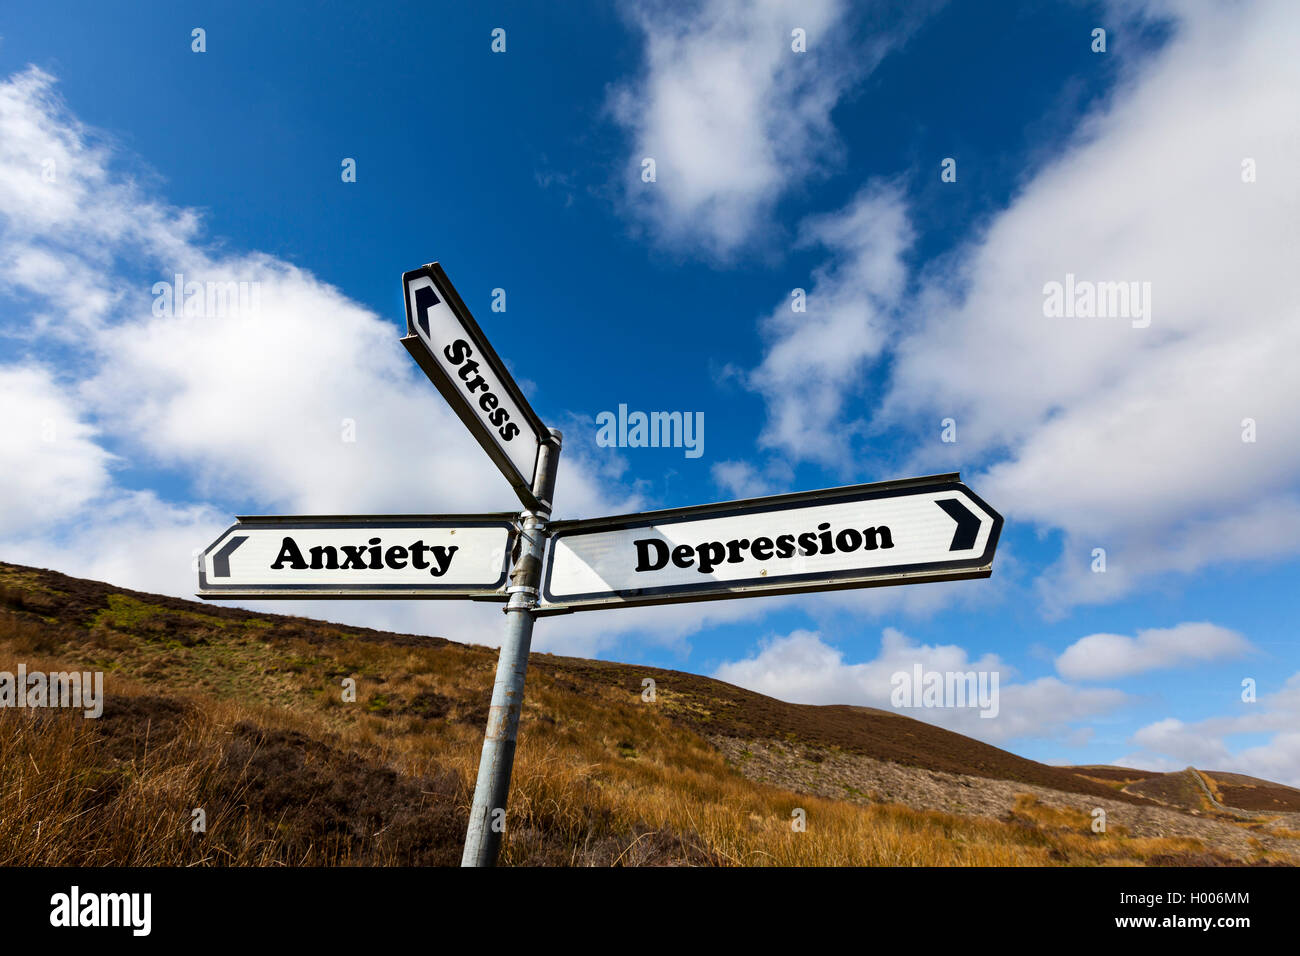 Depression Angst stress psychischen Problem Probleme Konzept Straßenschild Wahl Leben Richtung Zukunftskonzepte Stockbild